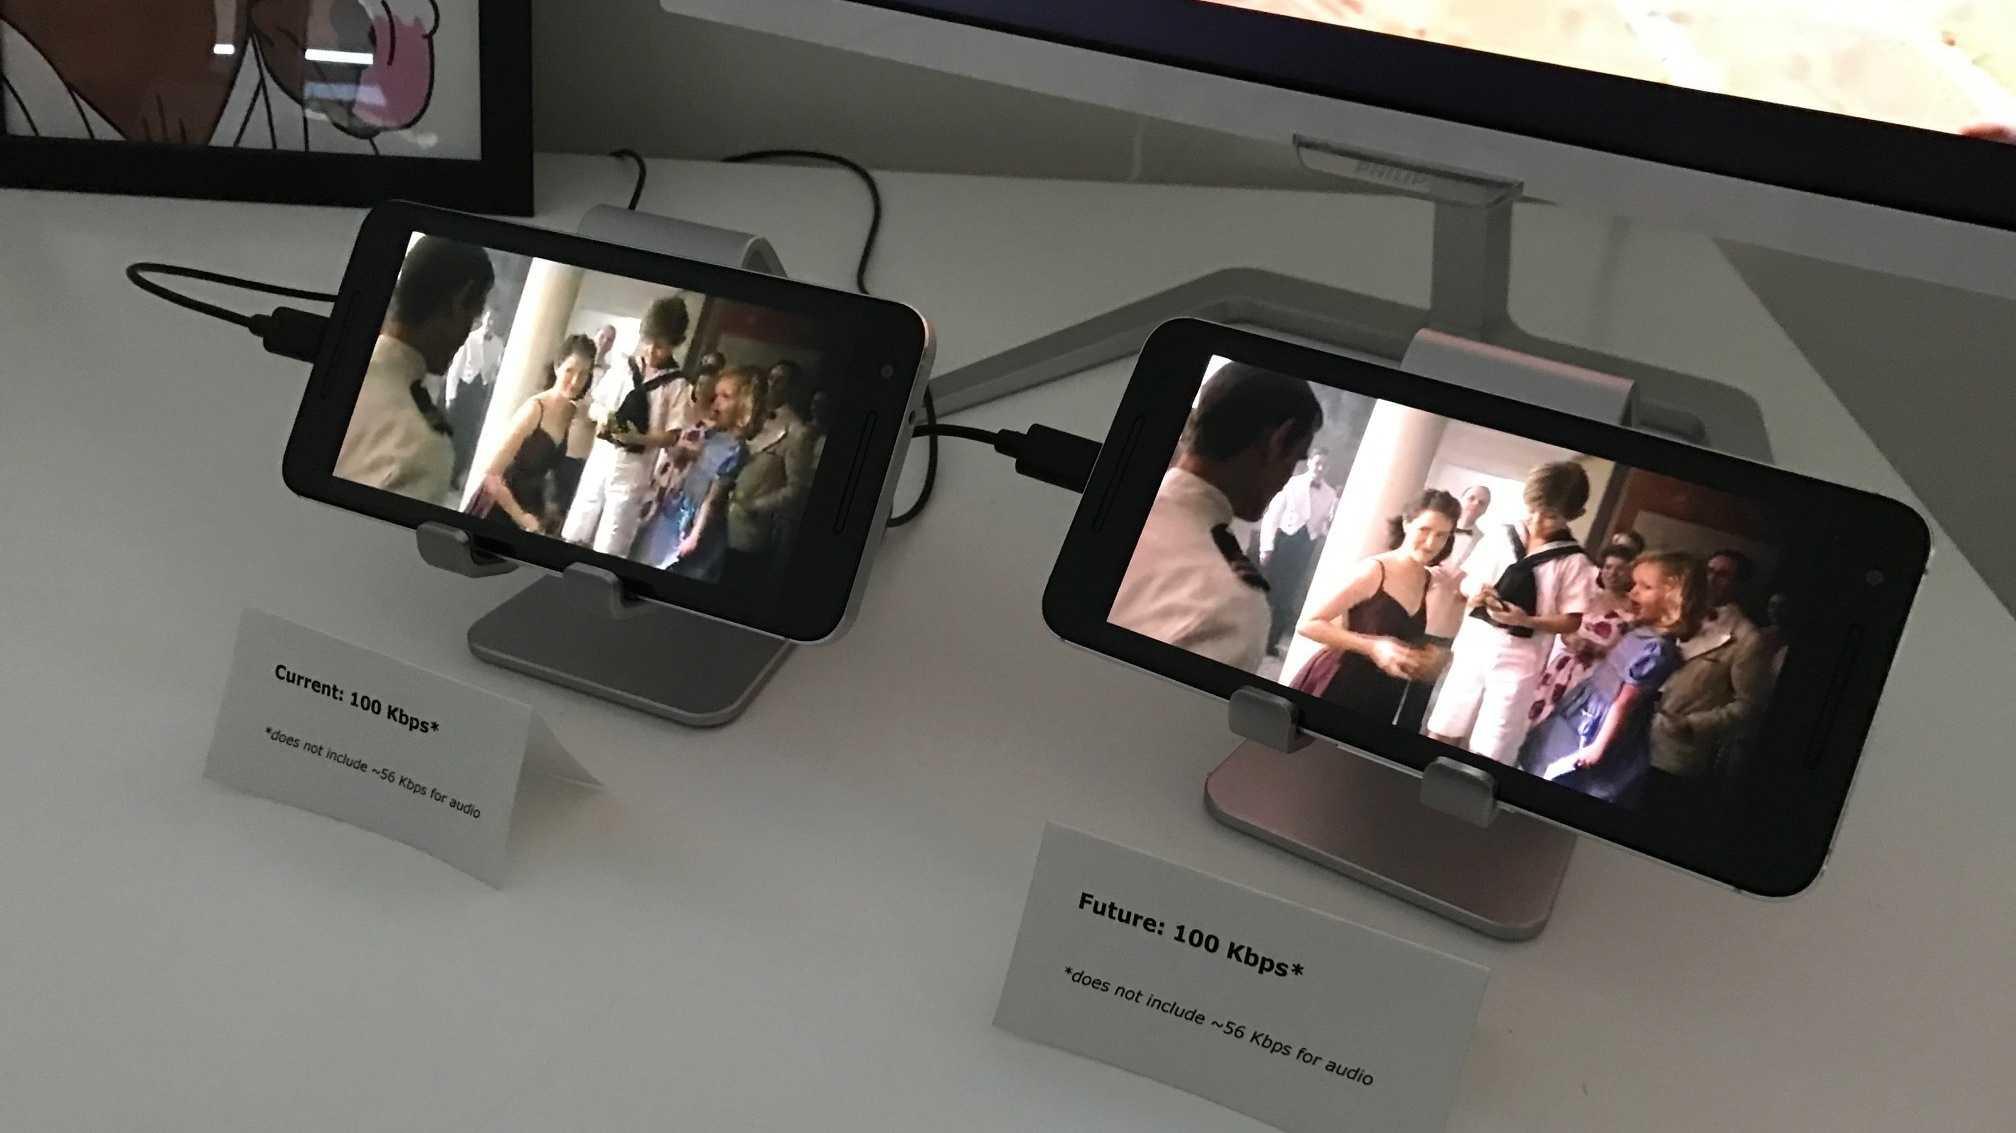 Videostreaming: Netflix quetscht für Mobilgeräte mehr Bildqualität den Bits